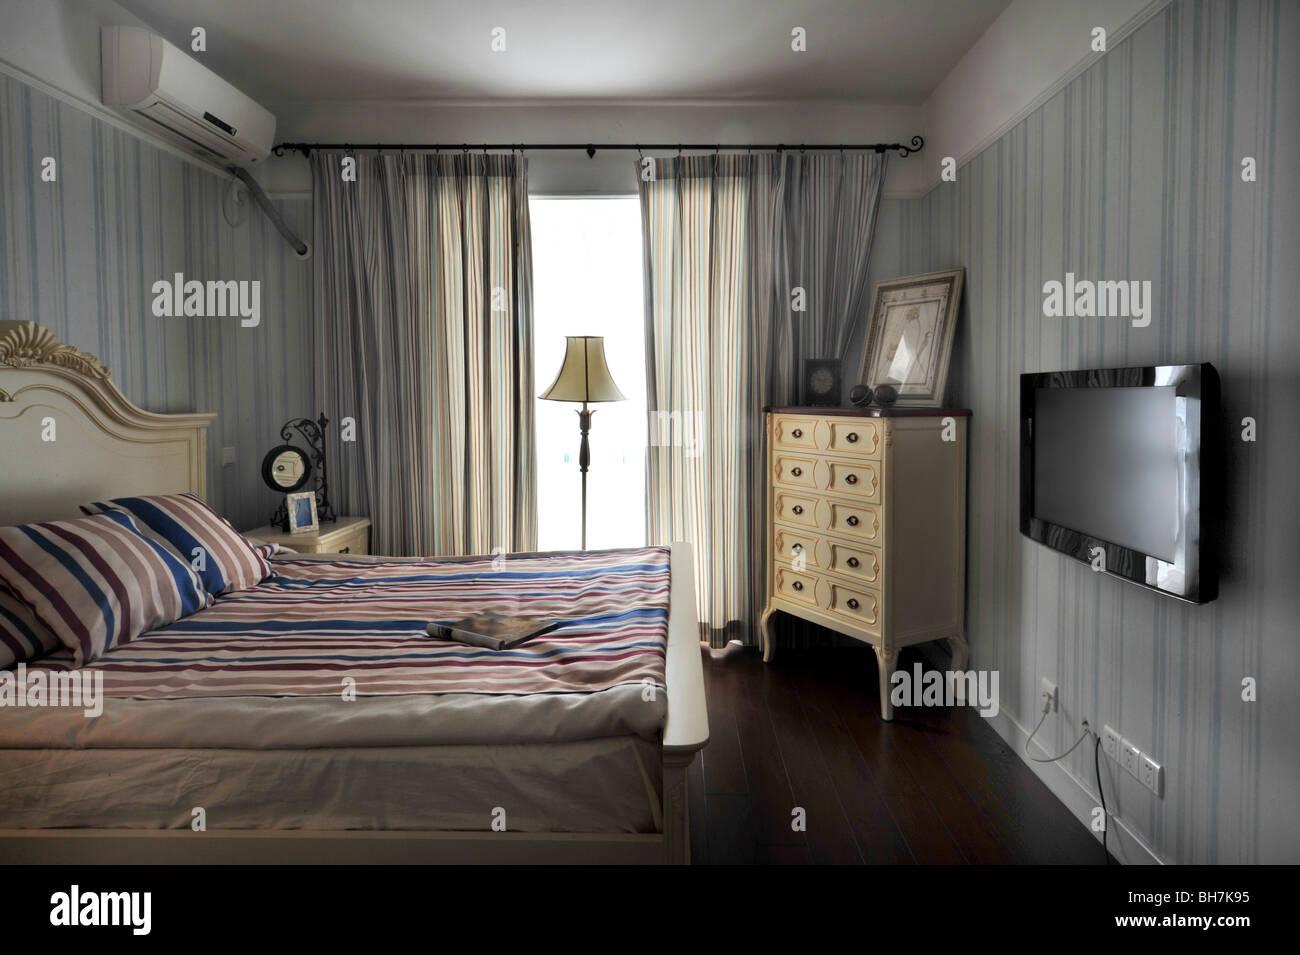 L'intérieur de chambre à coucher Photo Stock